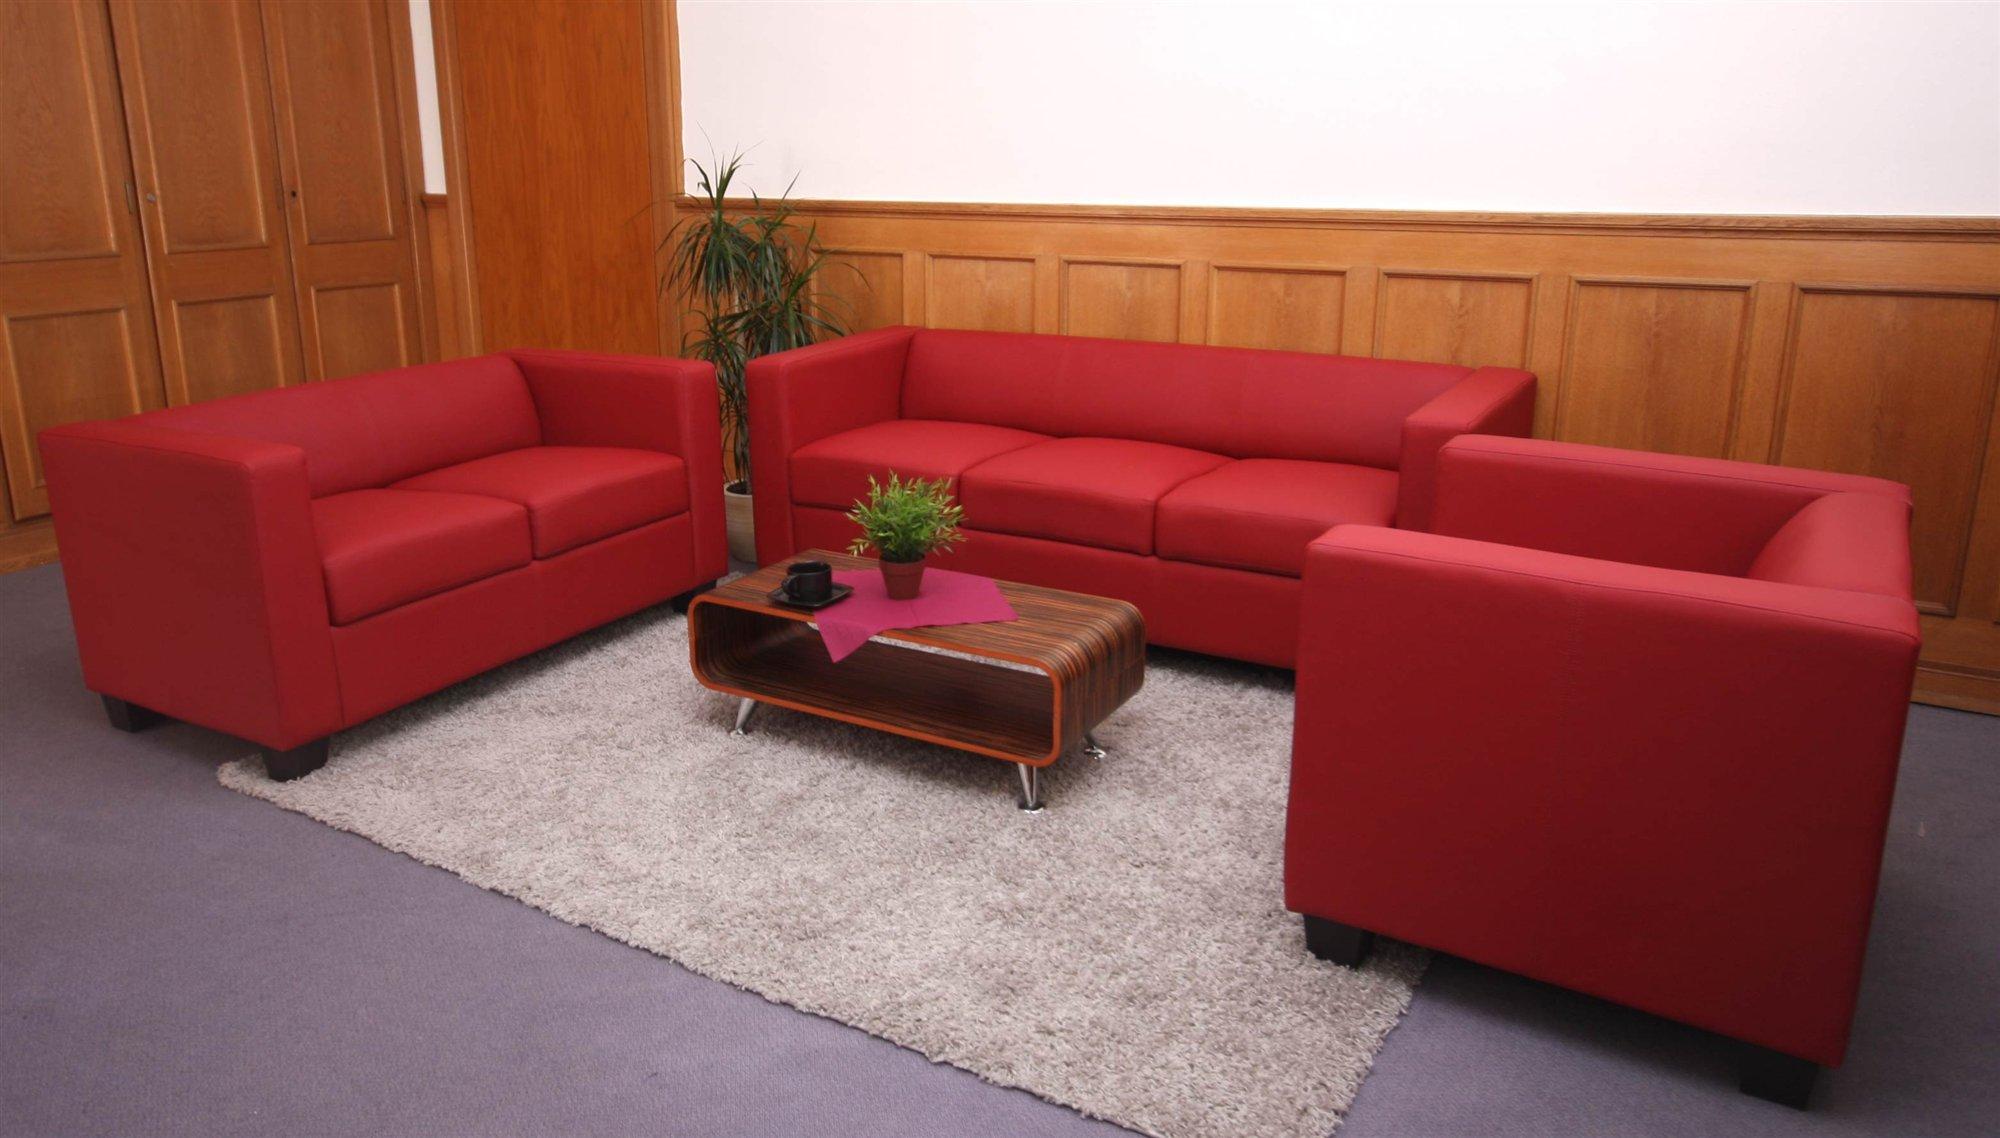 Sofa de 2 plazas modelo lille muy c modo en polipiel for Sofa 2 plazas polipiel